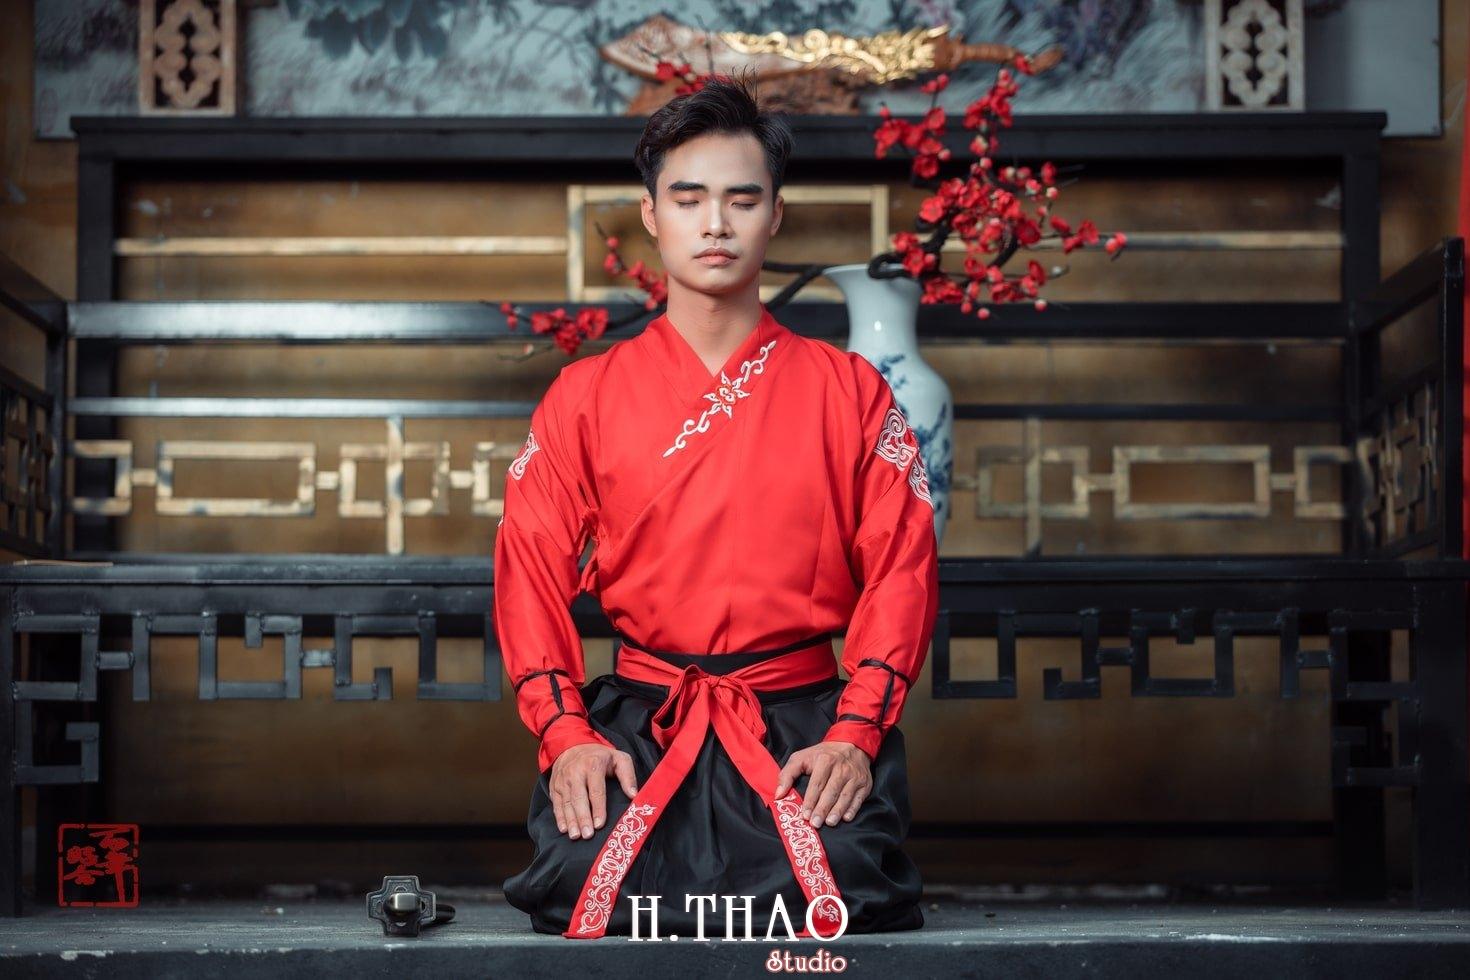 Anh Nam co trang 23 - Album chụp ảnh cổ trang nam phong cách Nhật Bản đẹp – HThao Studio